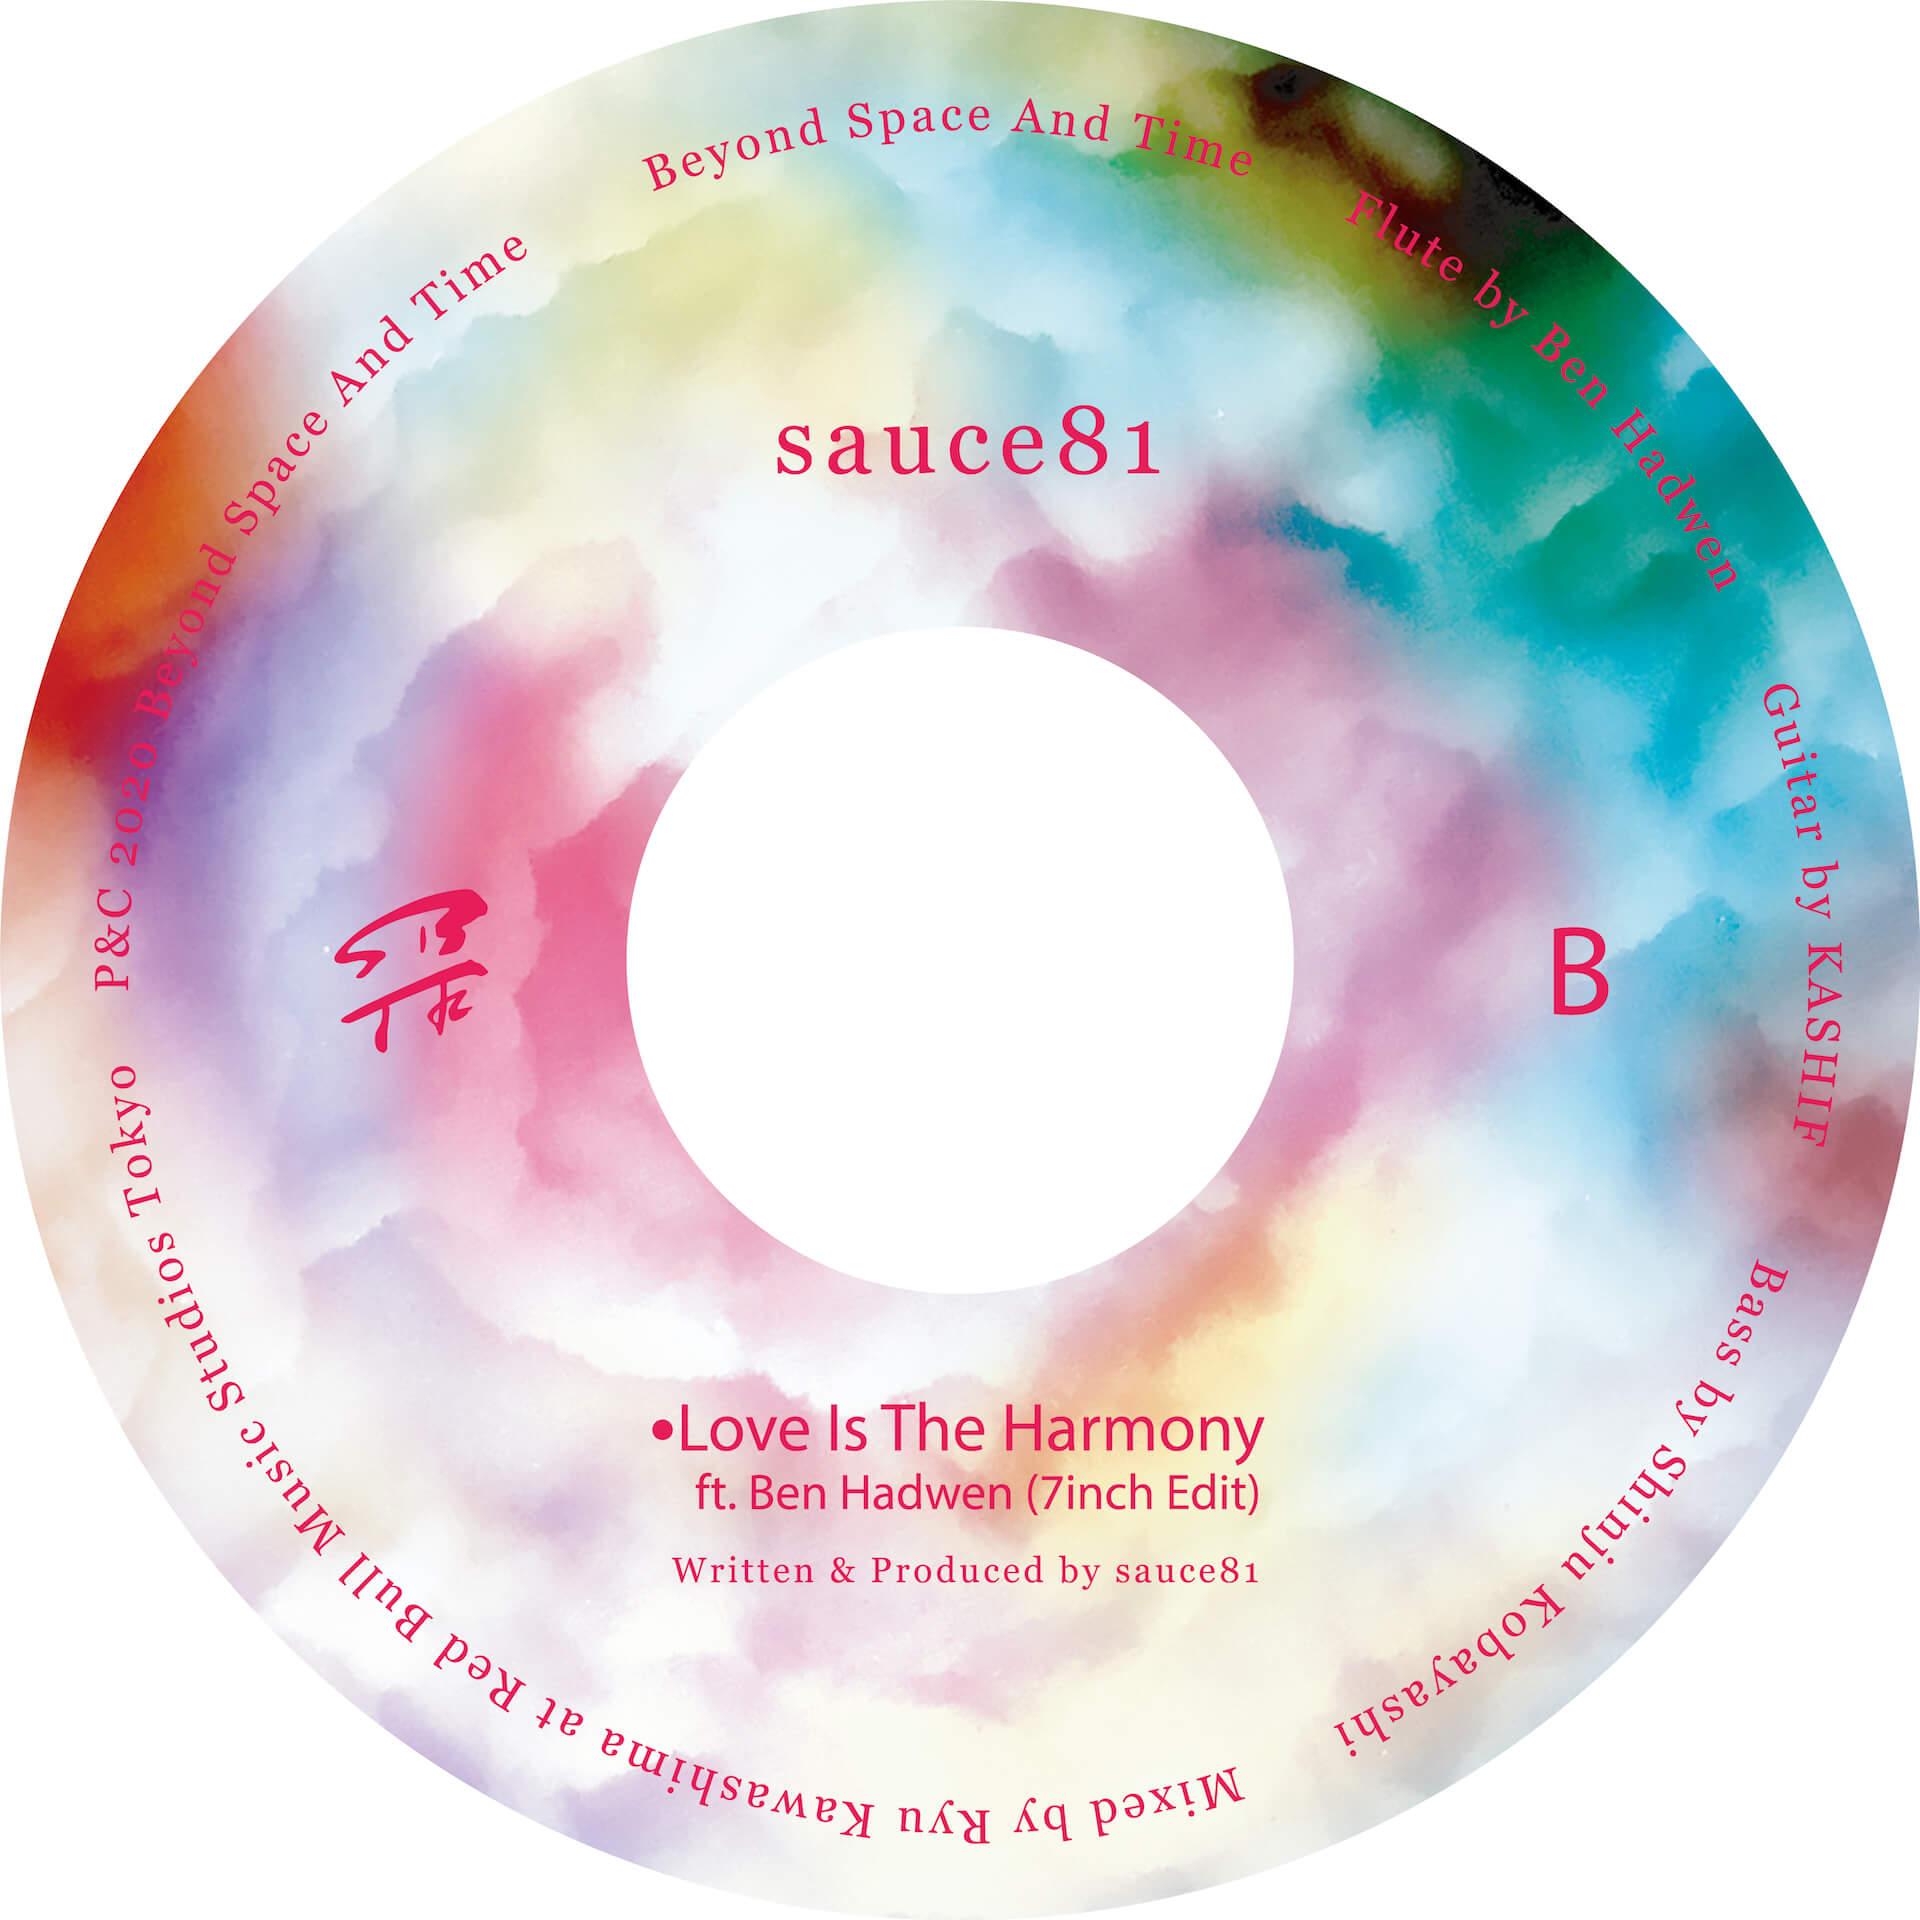 sauce81の未発表音源2曲が7インチレコードとしてRainbow Disco Clubのレーベルよりリリース アートワークはSENEKTが担当 music200824_sauce81_2